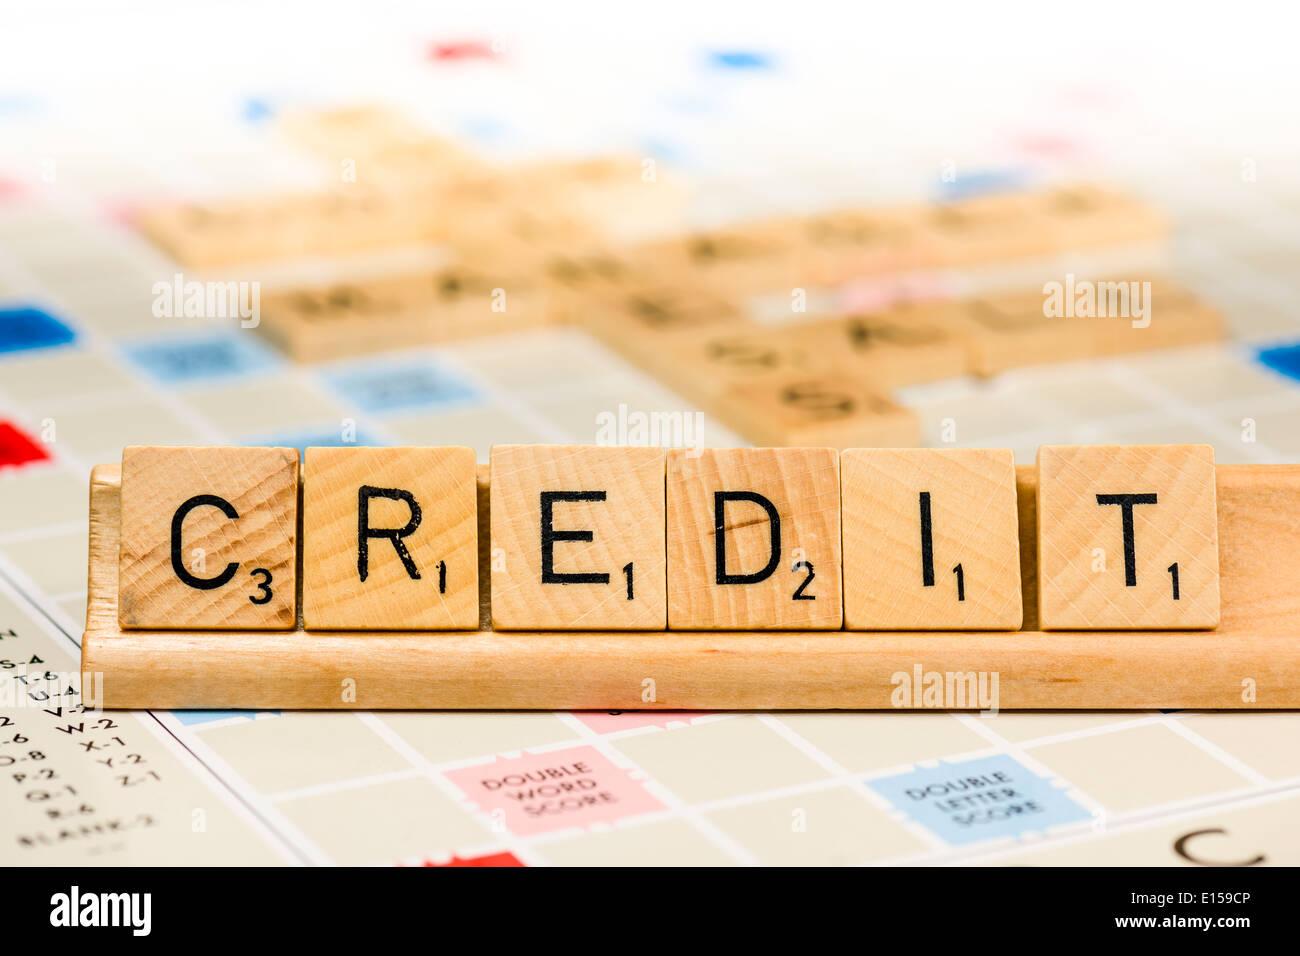 scrabble-credit-E159CP.jpg